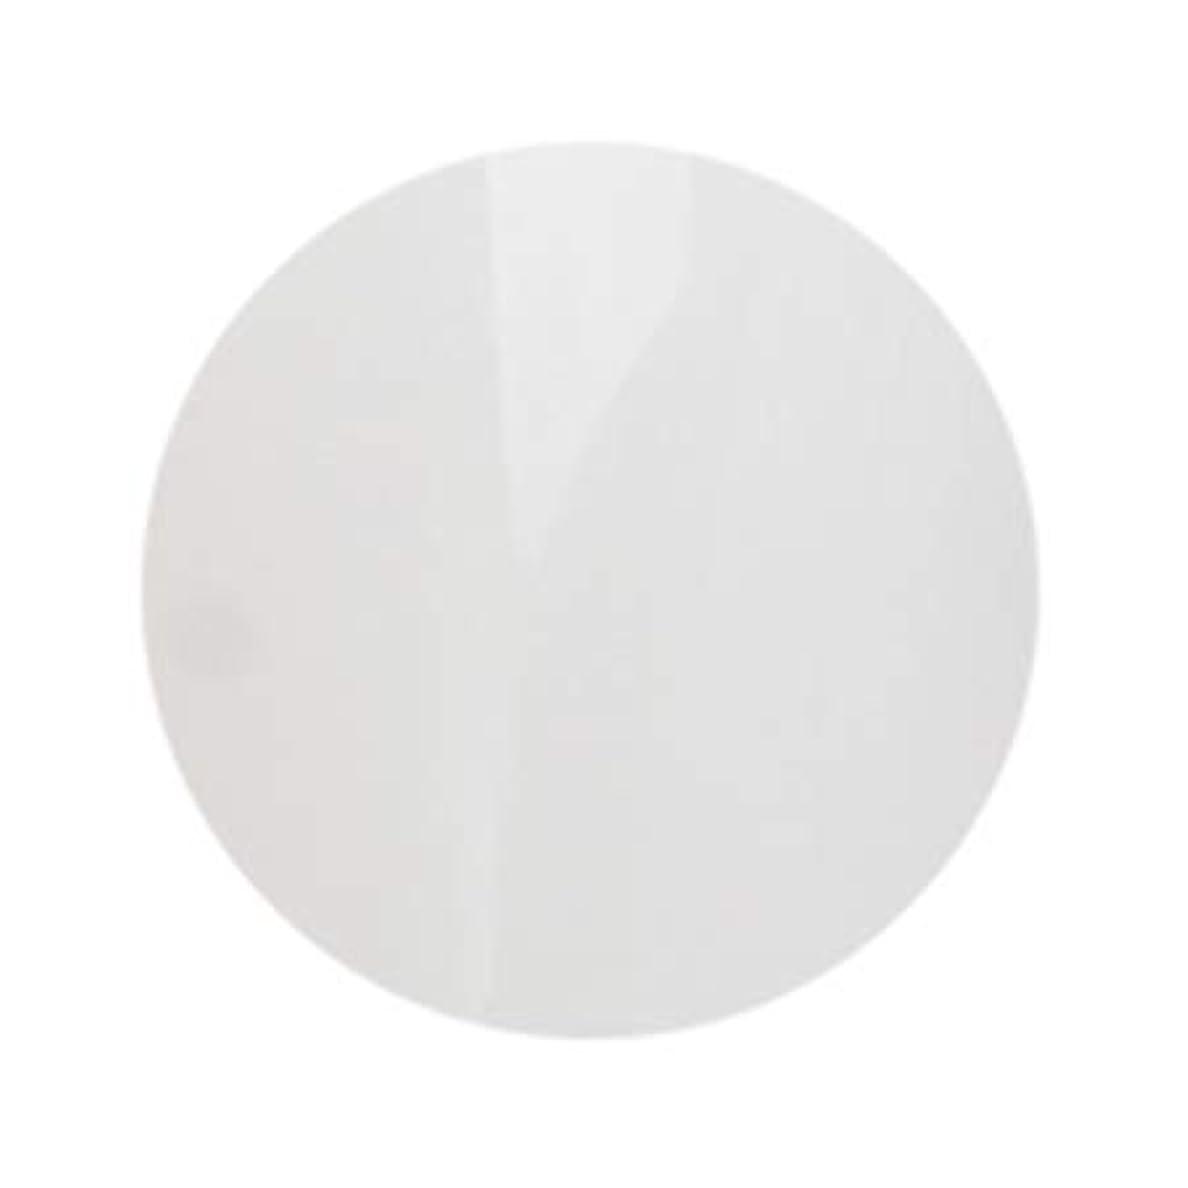 ウィンク差し引く固体Putiel プティール カラージェル 268 ココナッツブラン 4g (西山麻耶プロデュース)